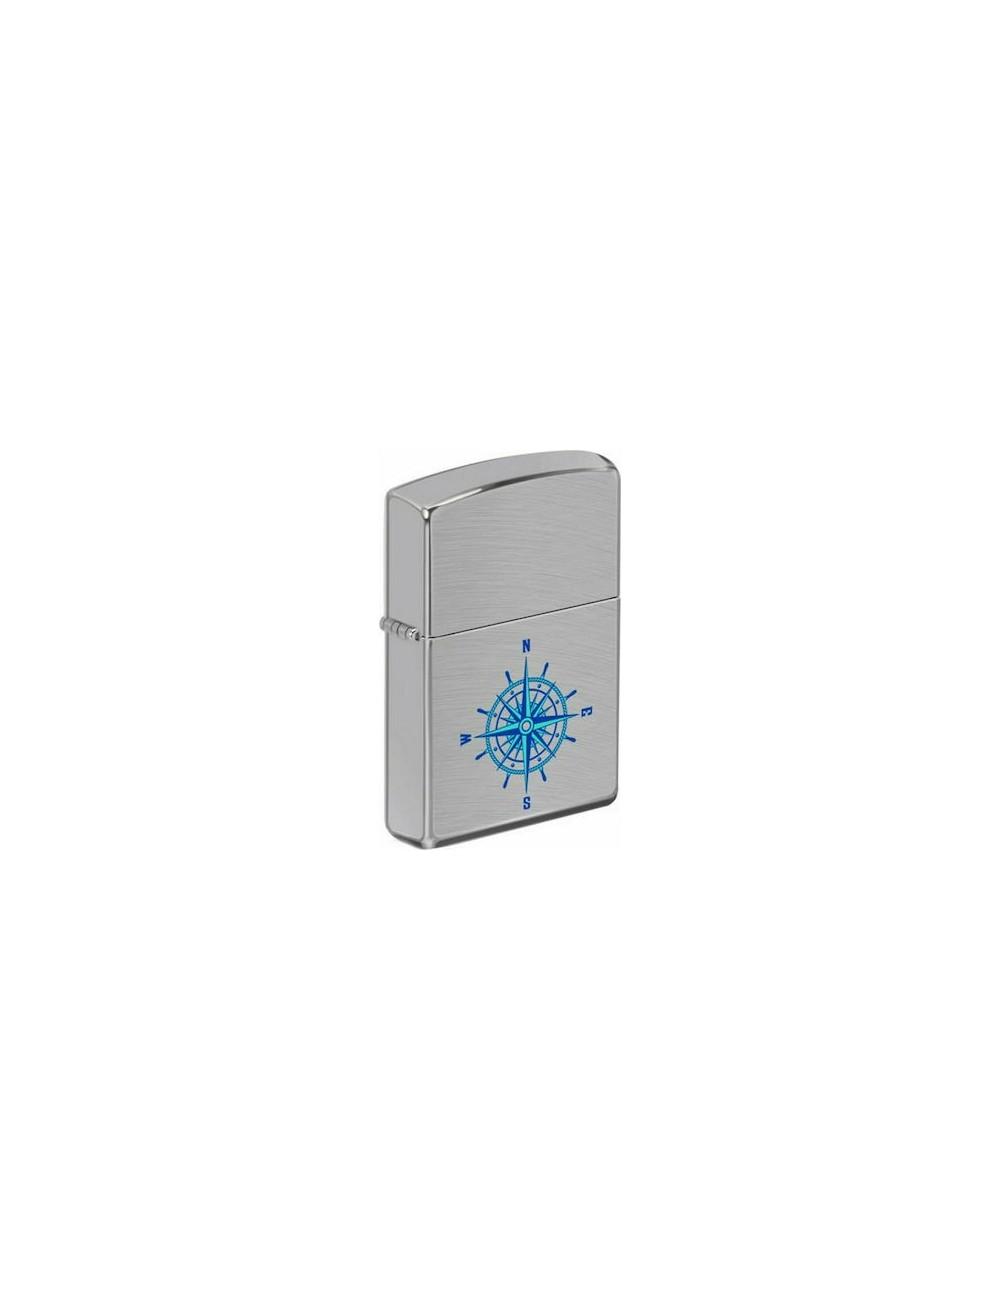 Zippo 49424 Compass Design